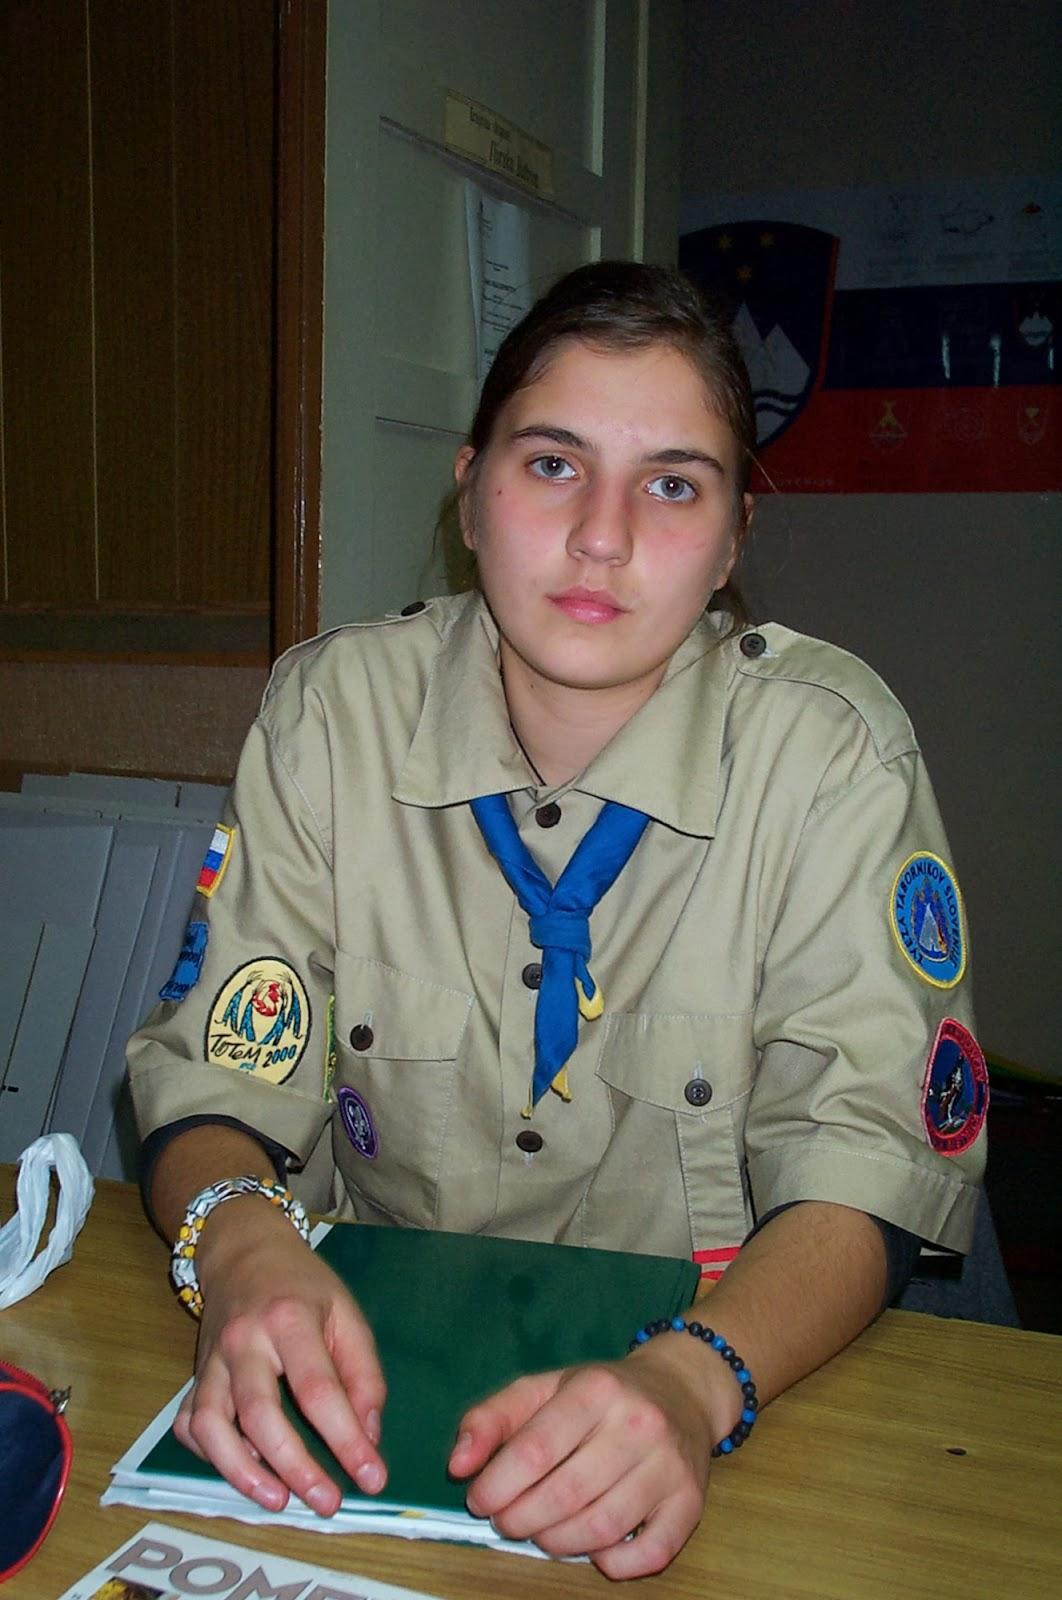 Sestanek vodnikov, Ilirska Bistrica - DCP_3484.JPG